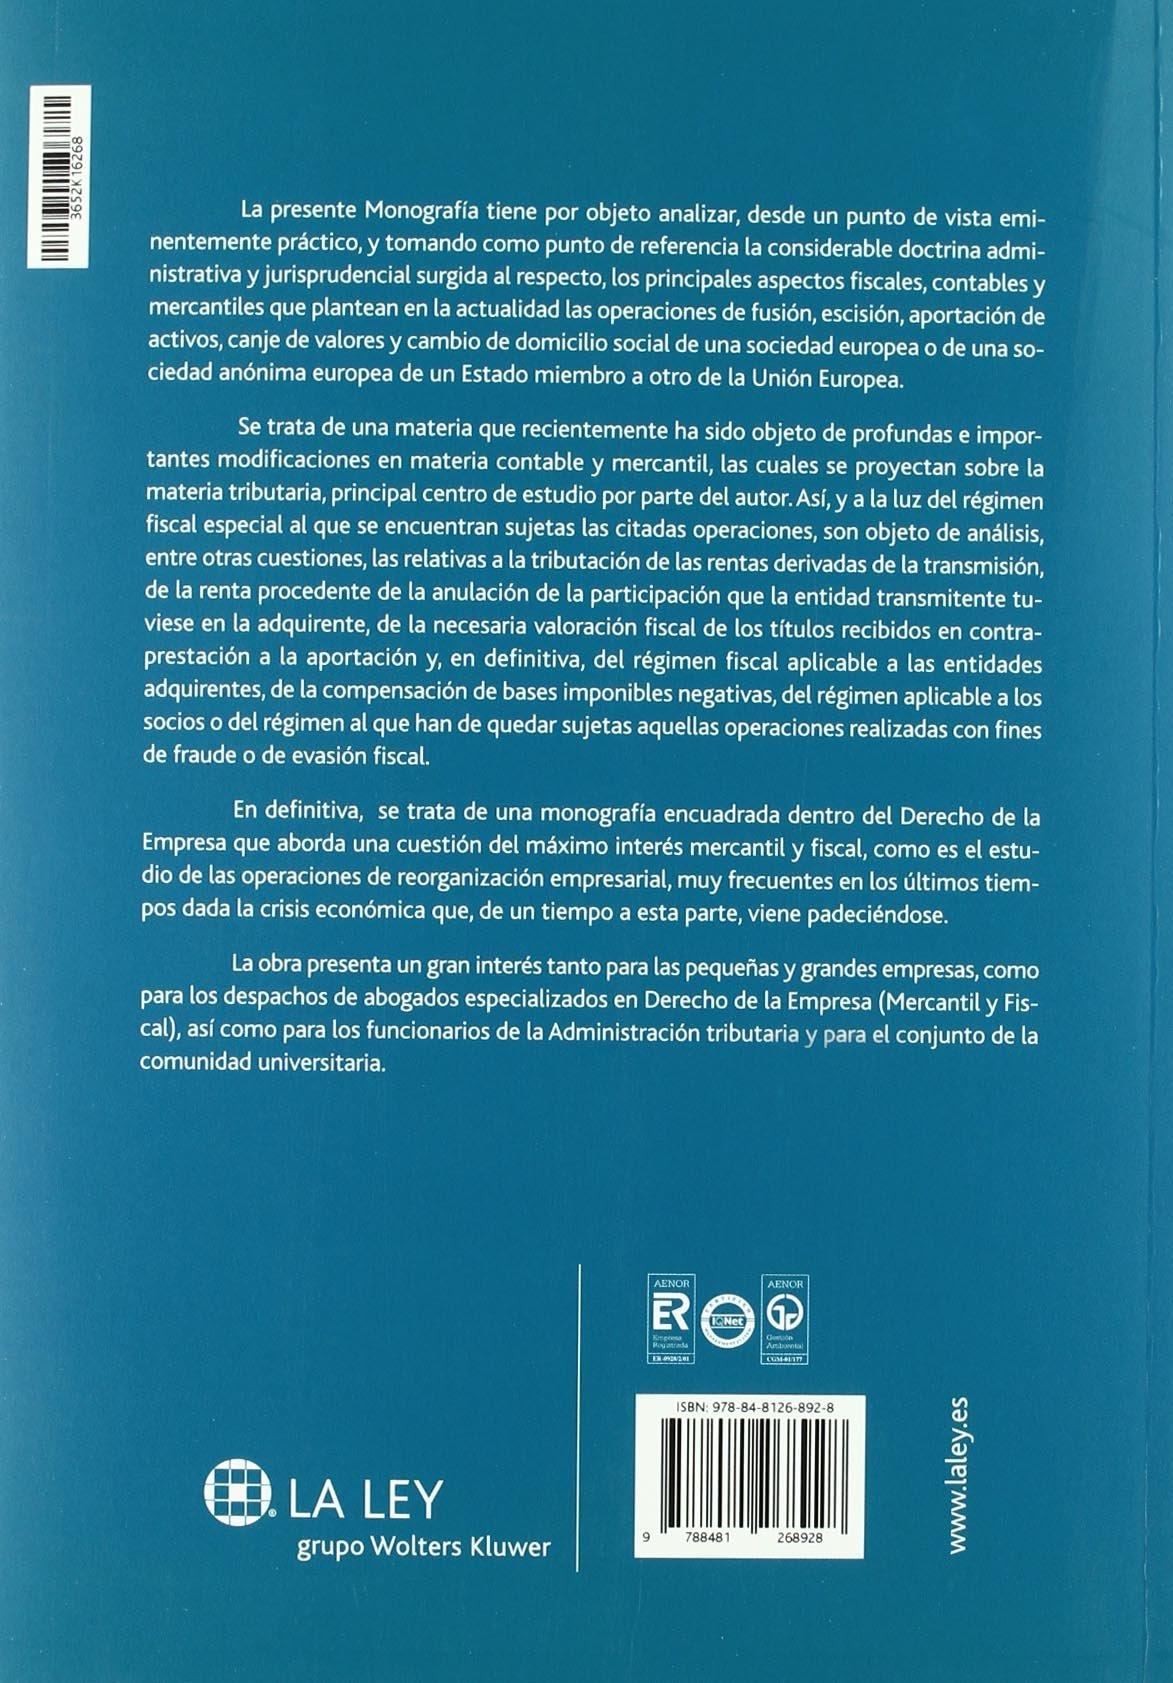 Fusiones y escisiones de sociedades: aspectos prácticos fiscales y contables Temas La Ley: Amazon.es: Juan Calvo Vérgez: Libros